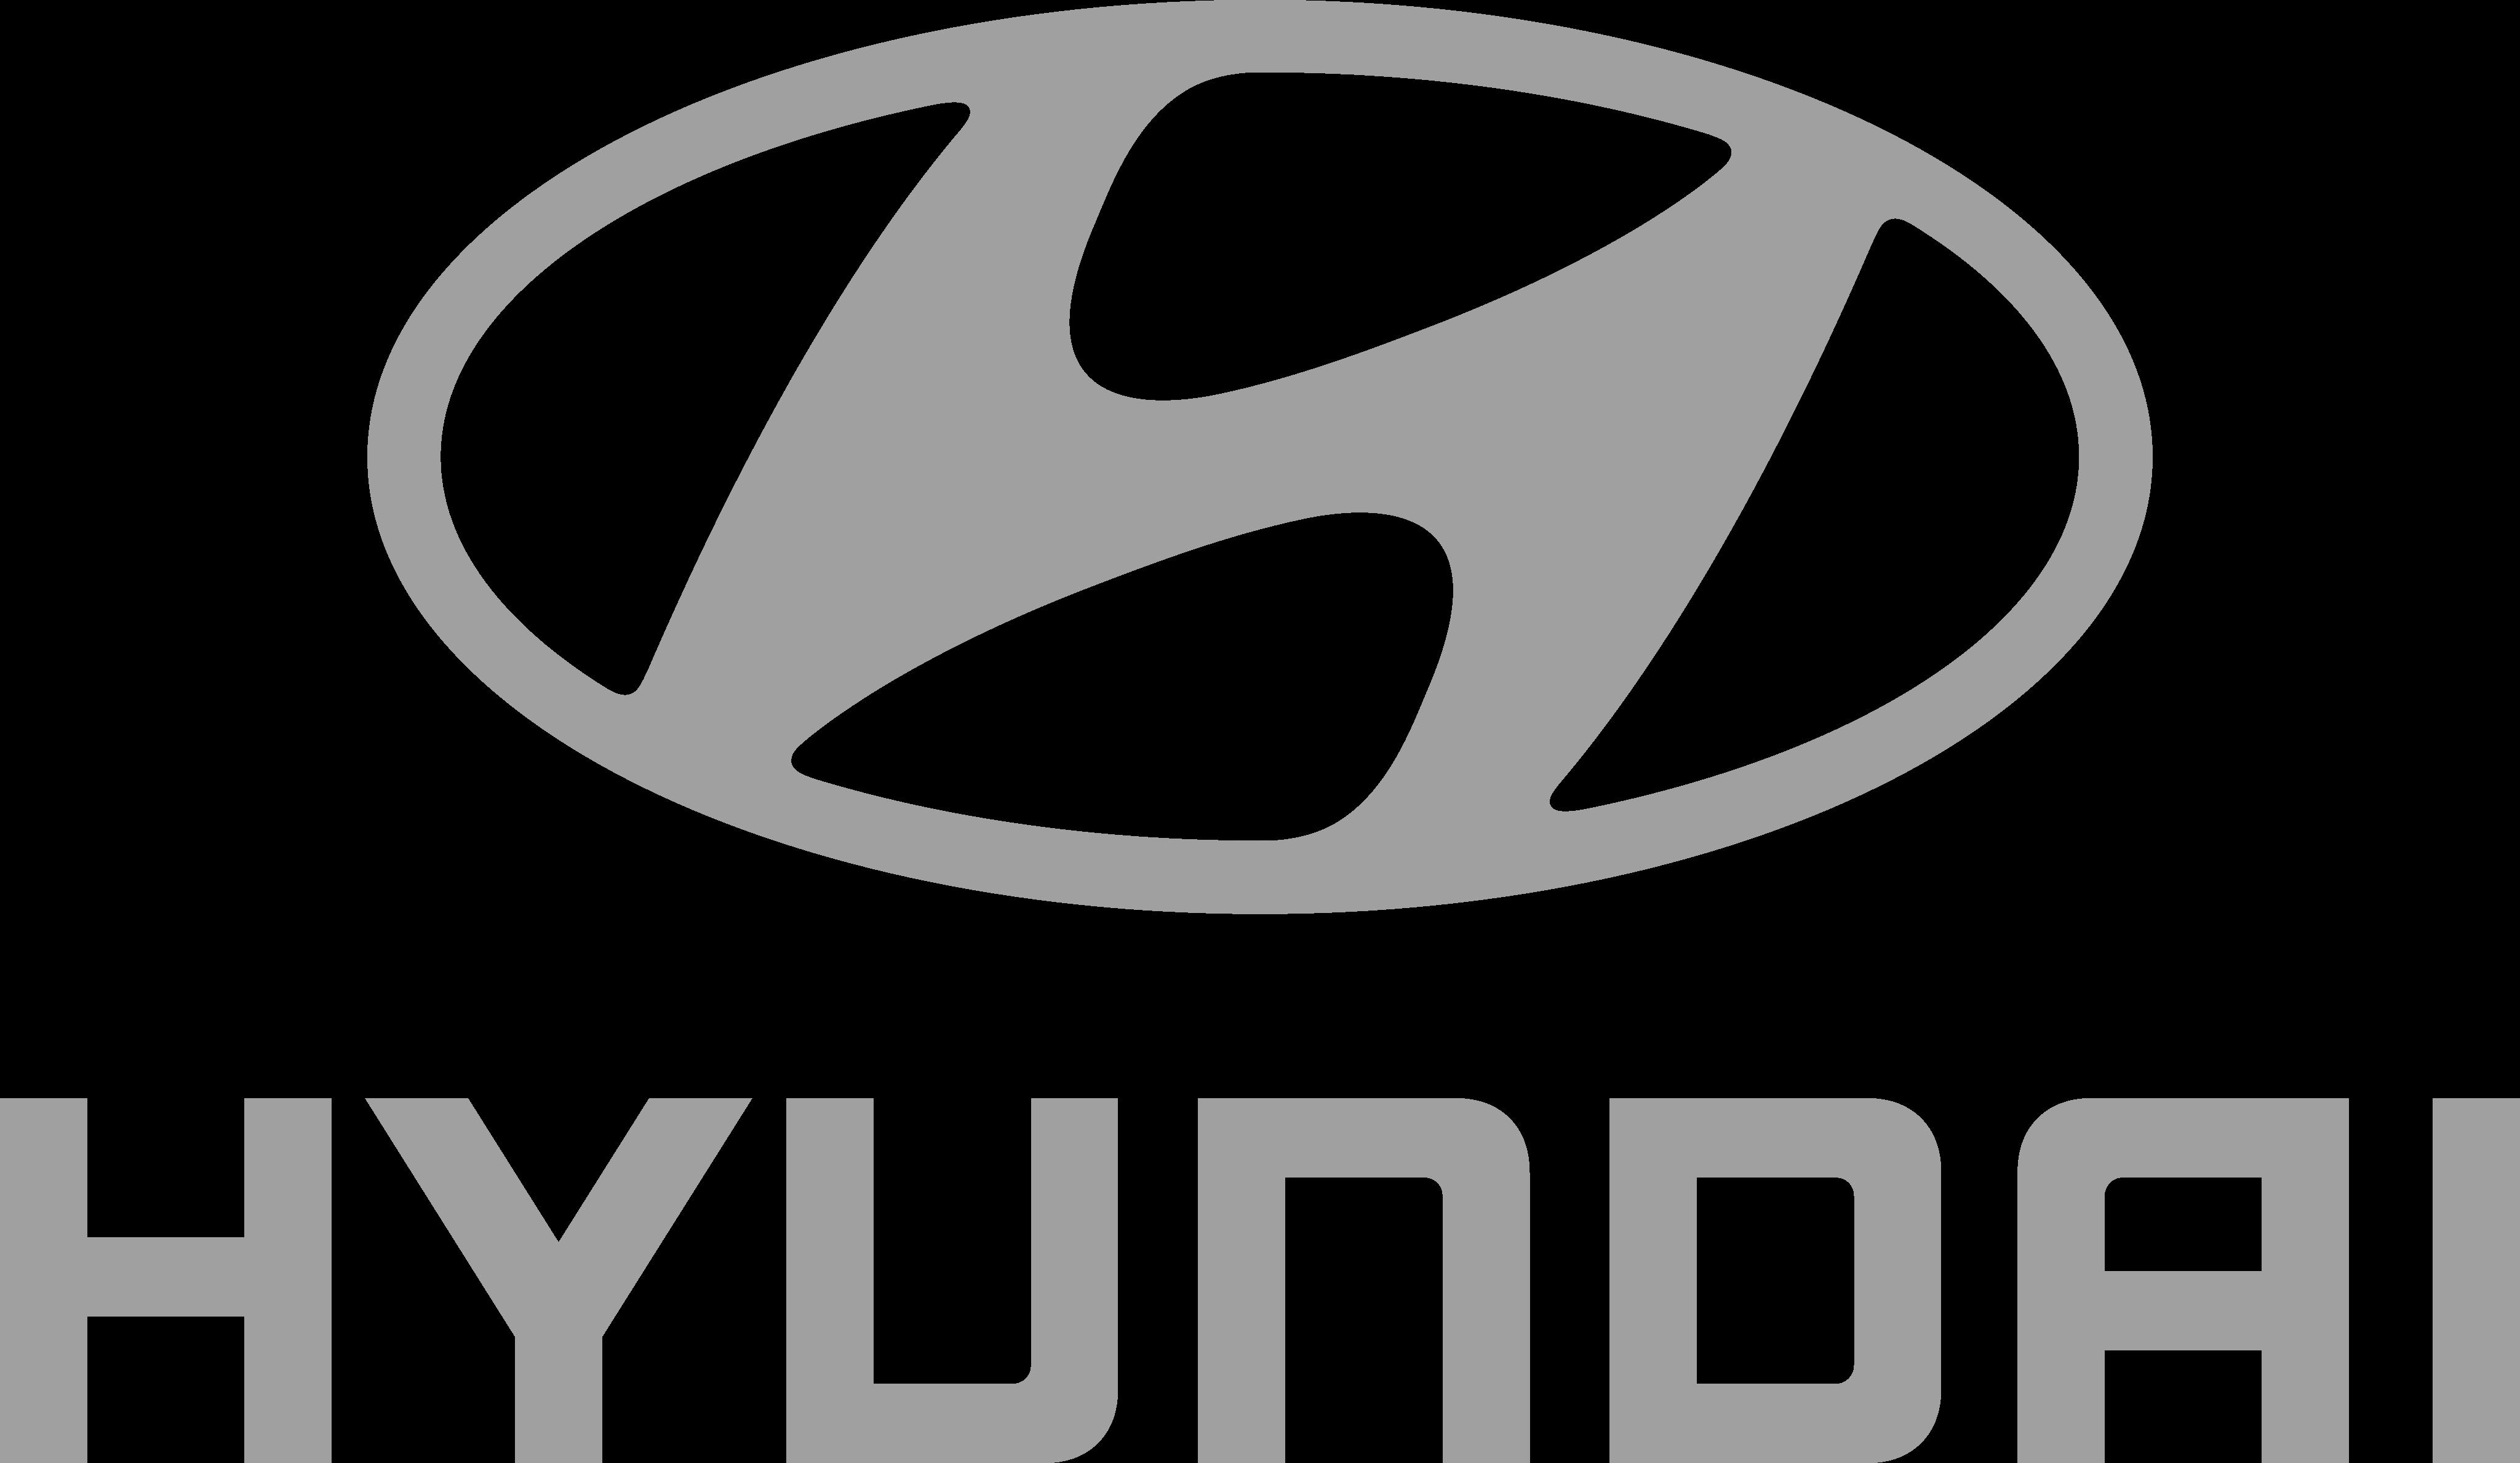 hyundai - Alkemy